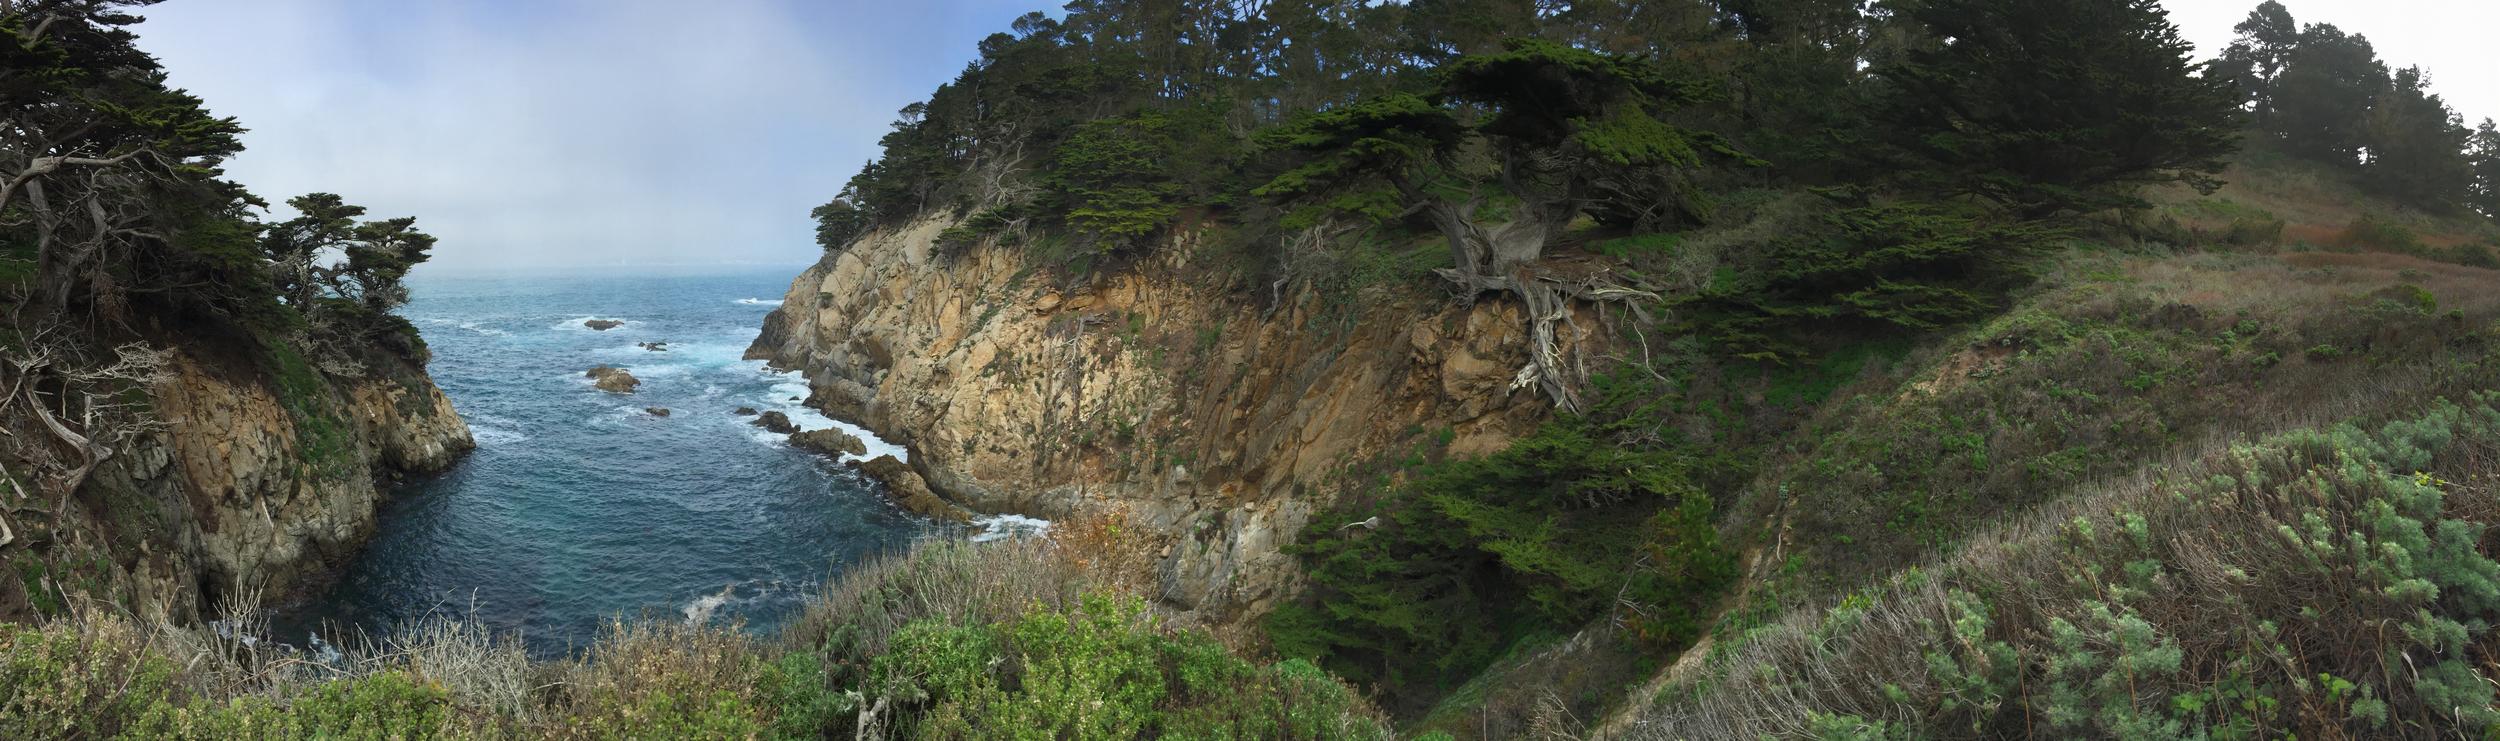 Point Lobos panorama